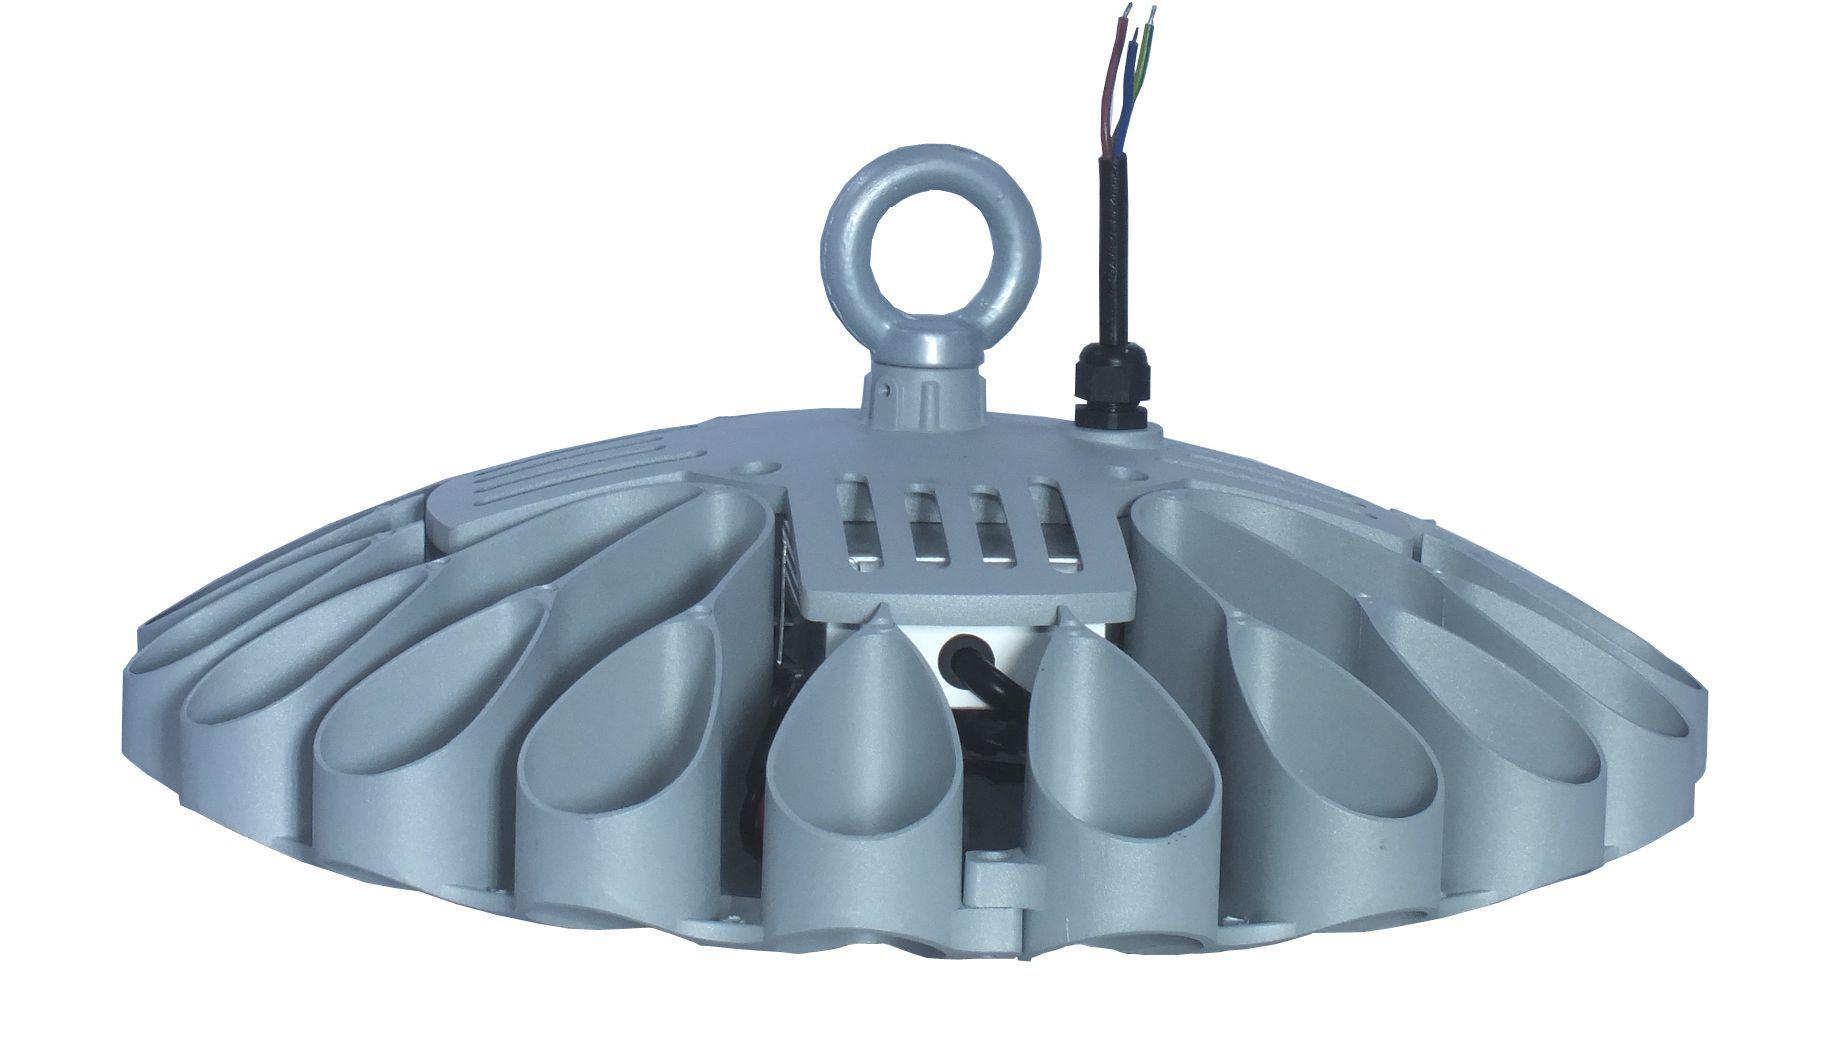 120W 150W 180W 200W 250W UFO 작풍 높은 만 빛 창고 램프 Meanwell 운전사 높은 루멘 SMD3030 칩 3years 보장